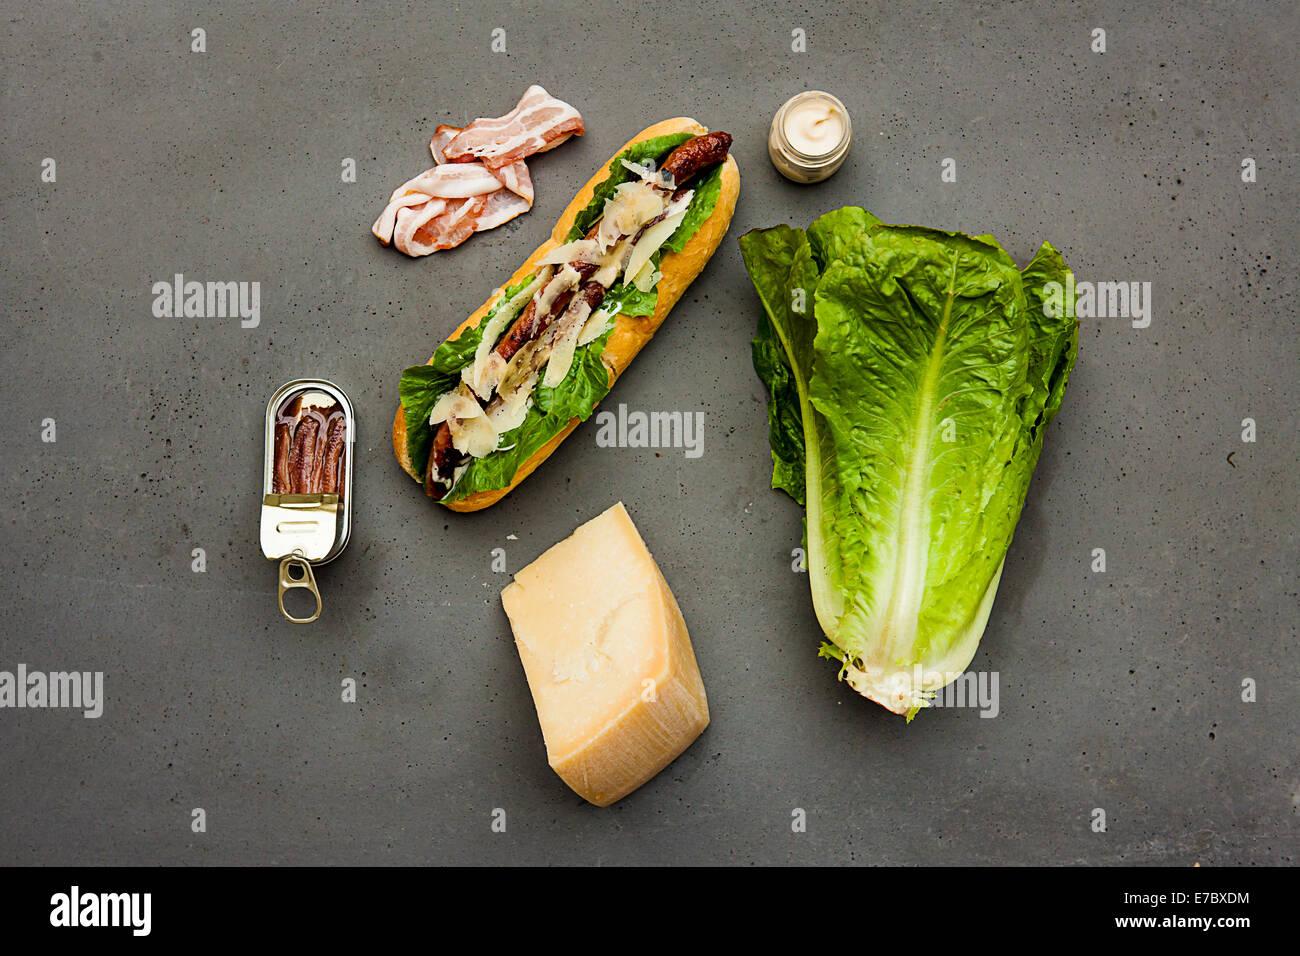 Moderne hot dog mit lamm wurst speck parmesan römersalat